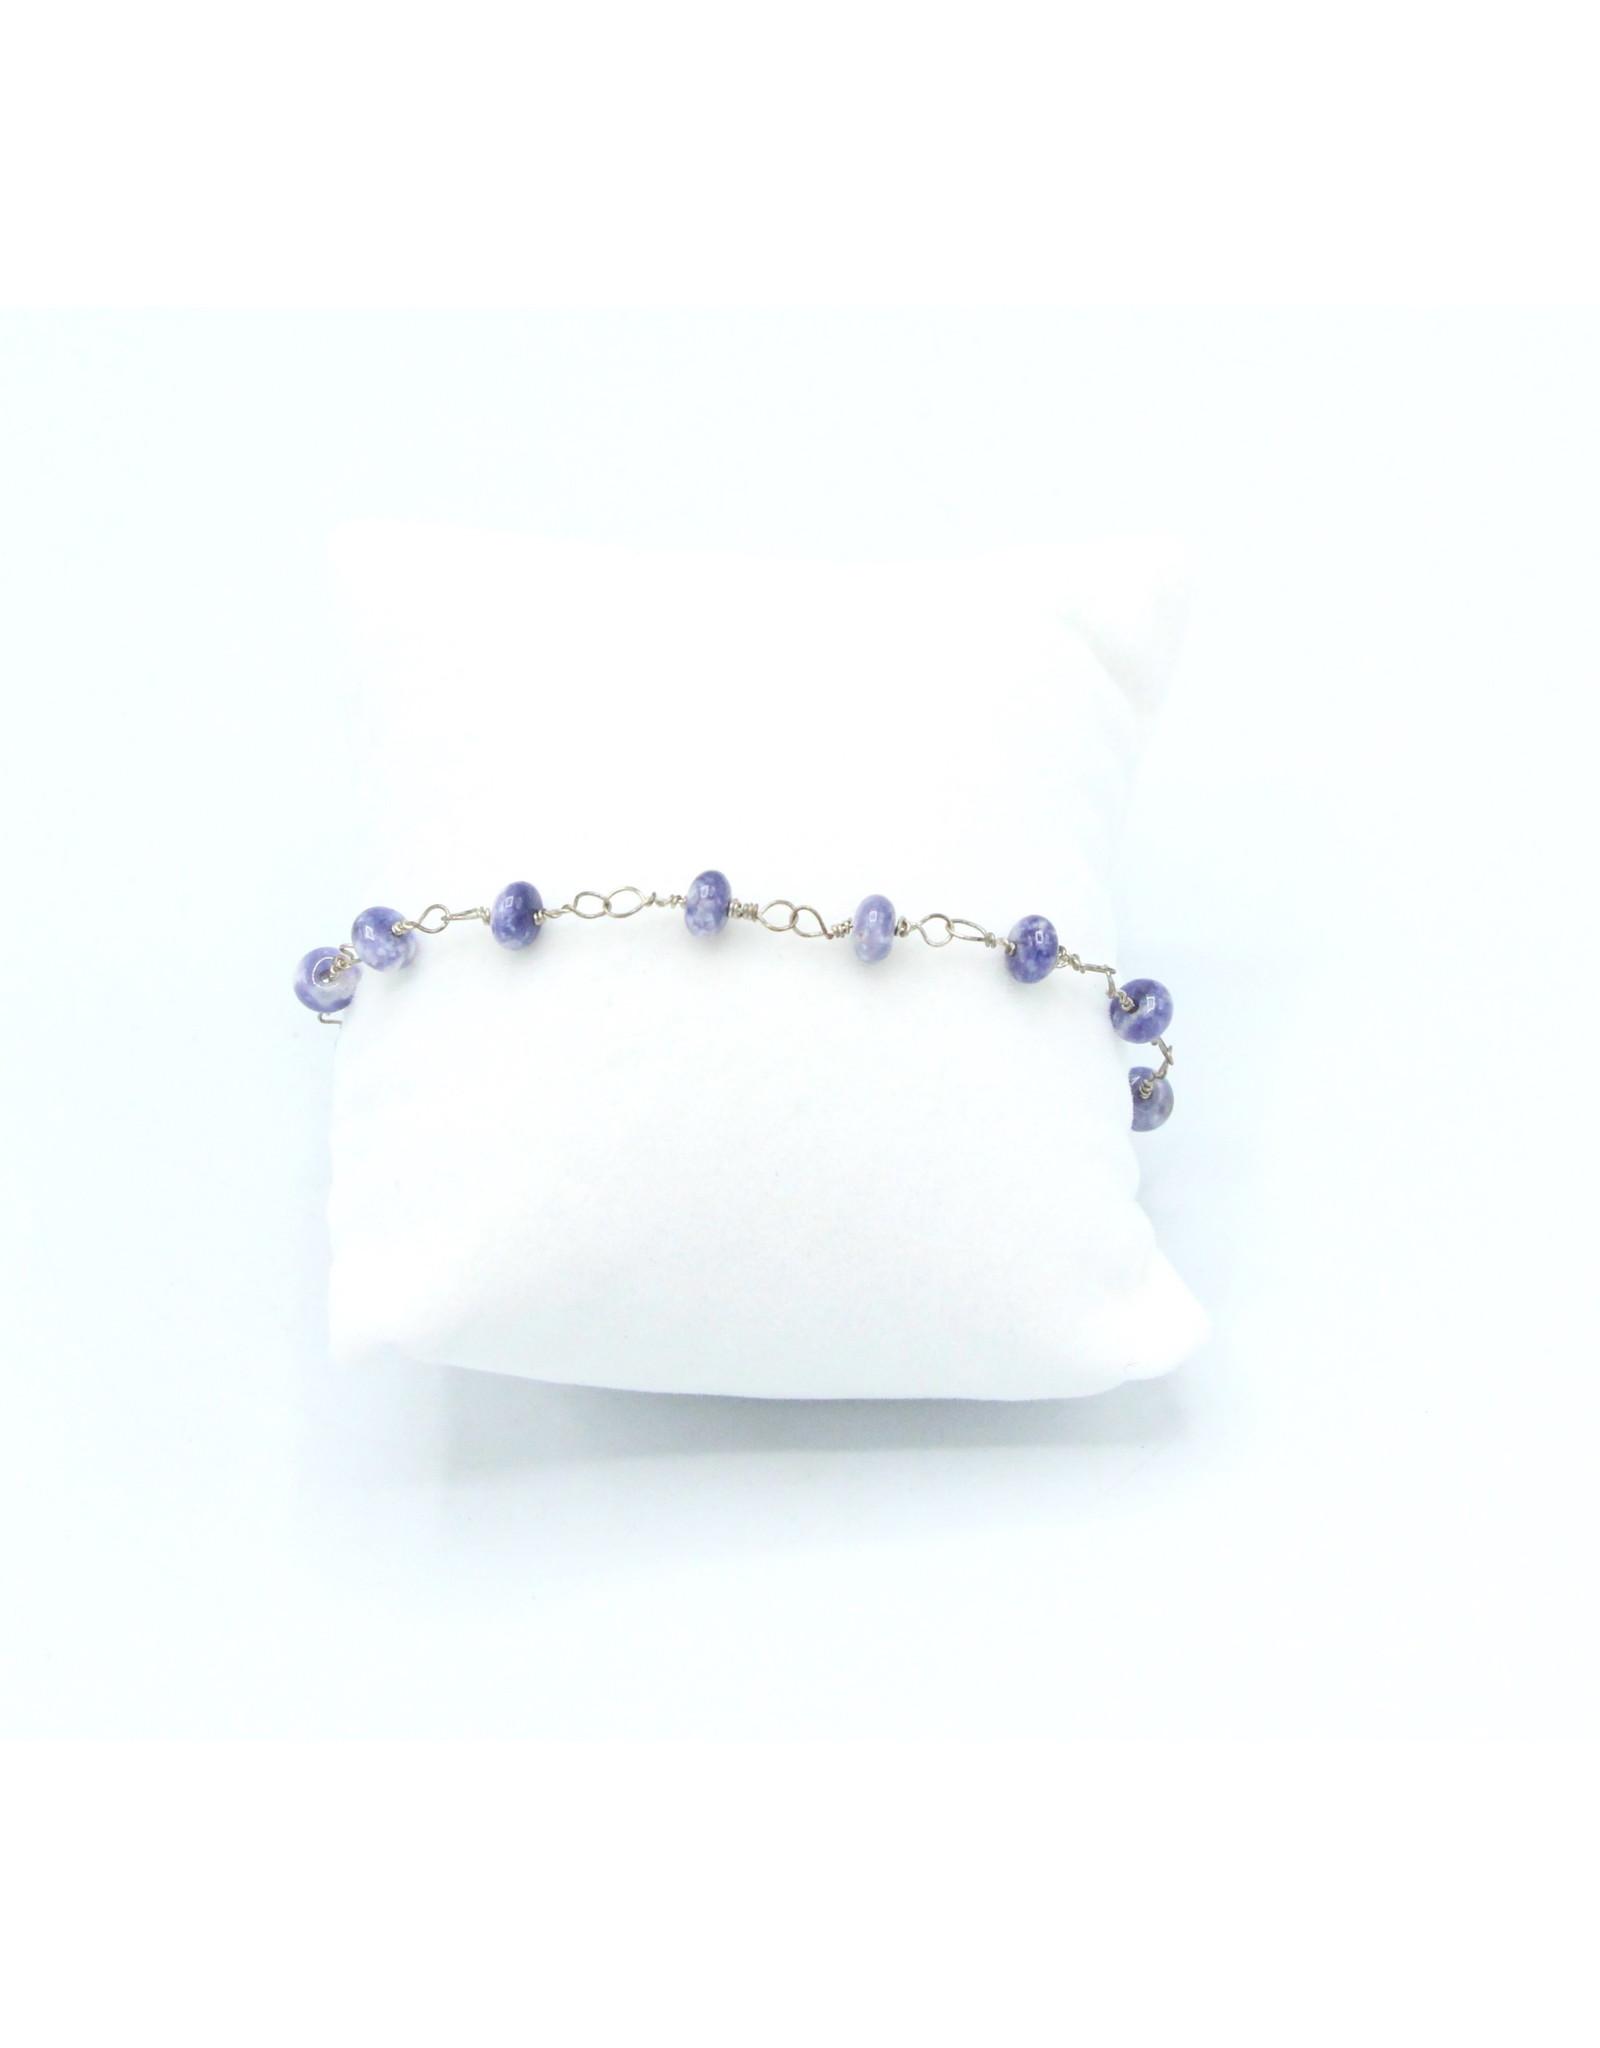 Scapolite Bracelet - BSCAP01